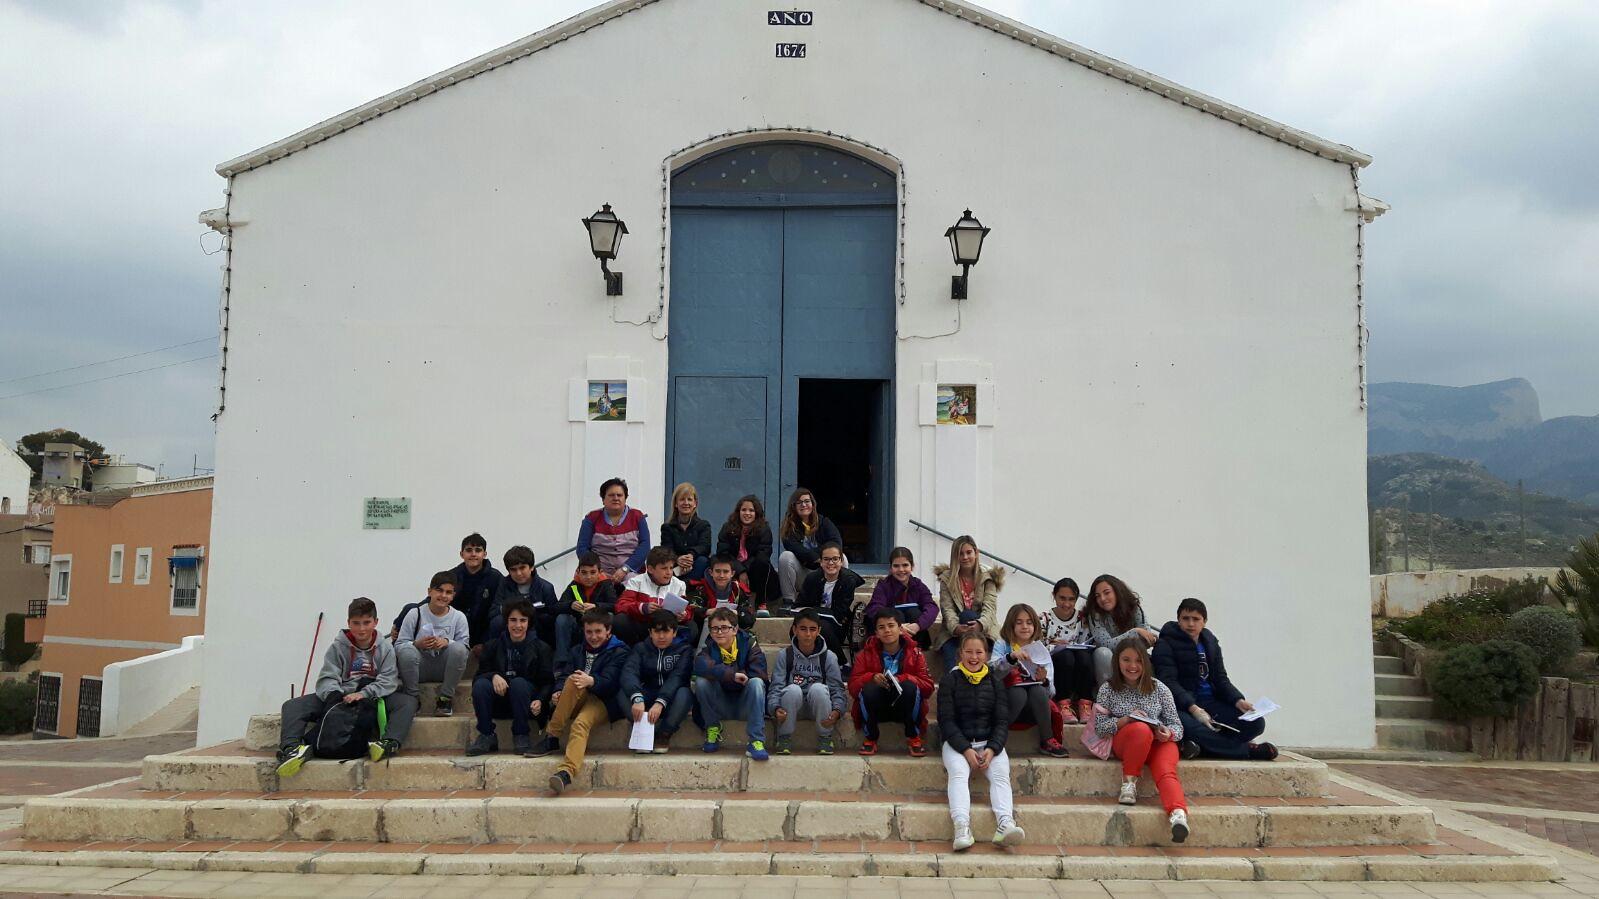 (2016-03-18) - aVisita ermita alumnos Pilar, profesora religión 9´Octubre - María Isabel Berenguer Brotons (08)